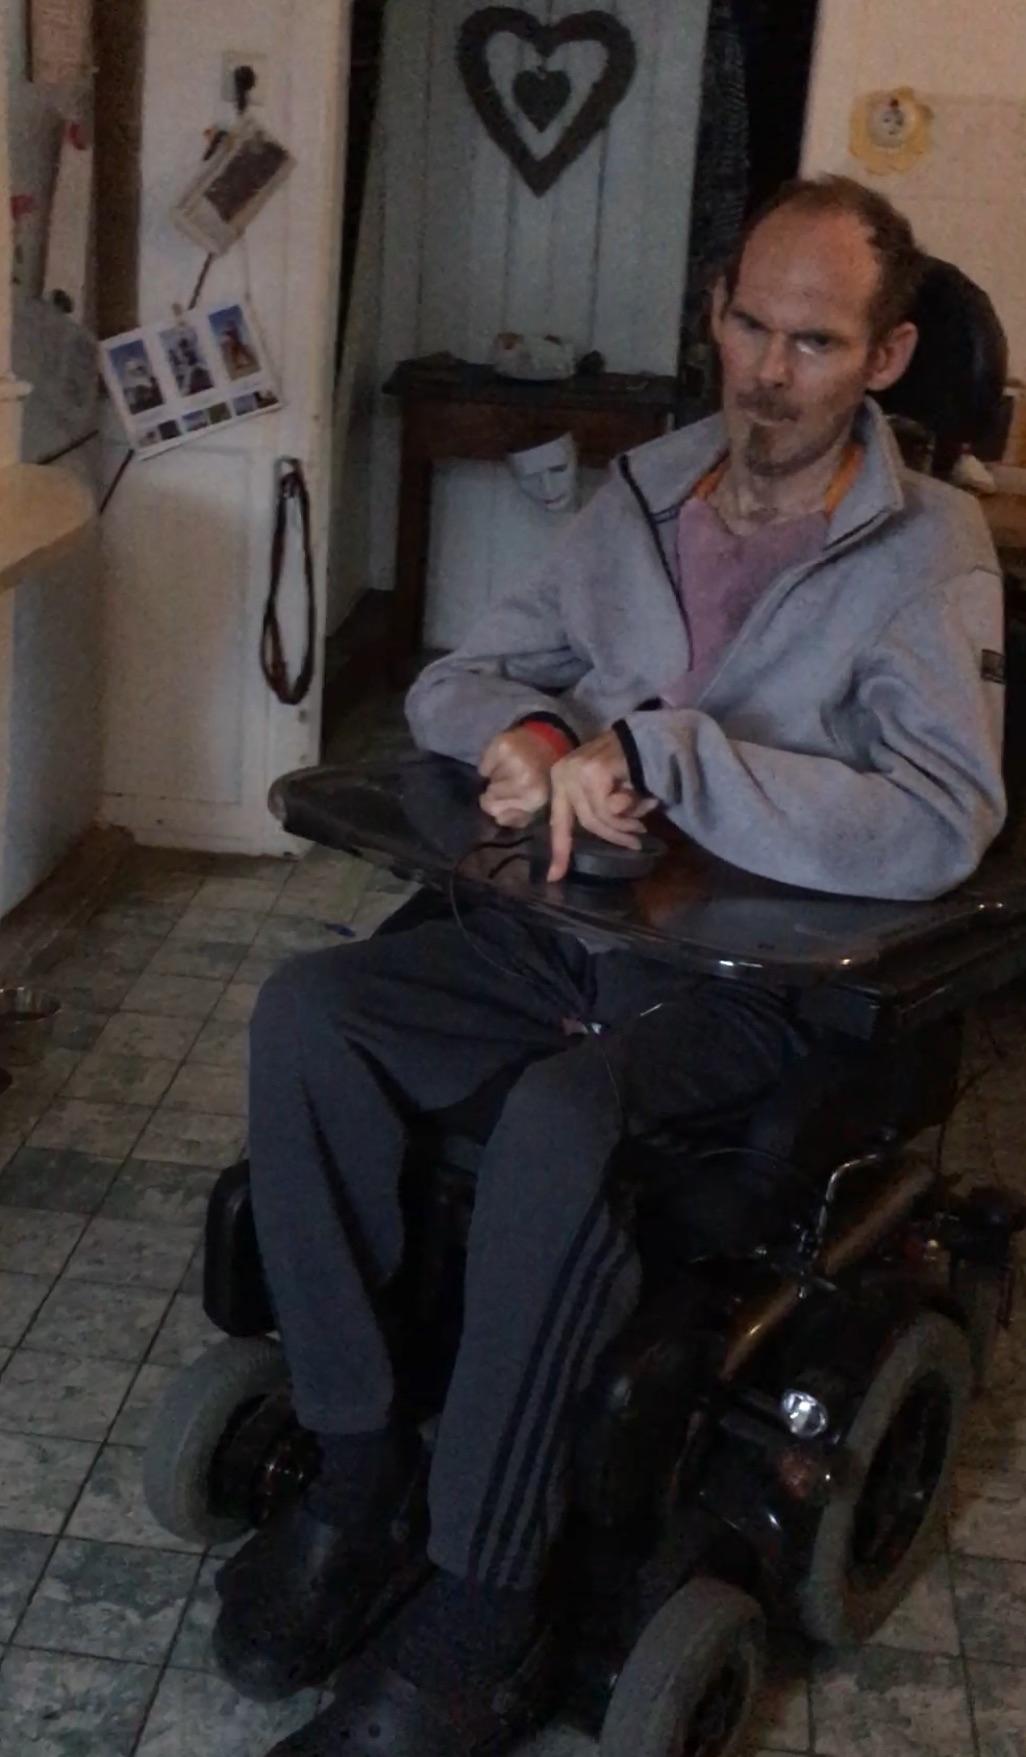 ENDLICH genehmigt: Stefan bekommt den Elektrorolli. Damit ist ein großer Schritt ein selbstbestimmtes Dasein gemacht...